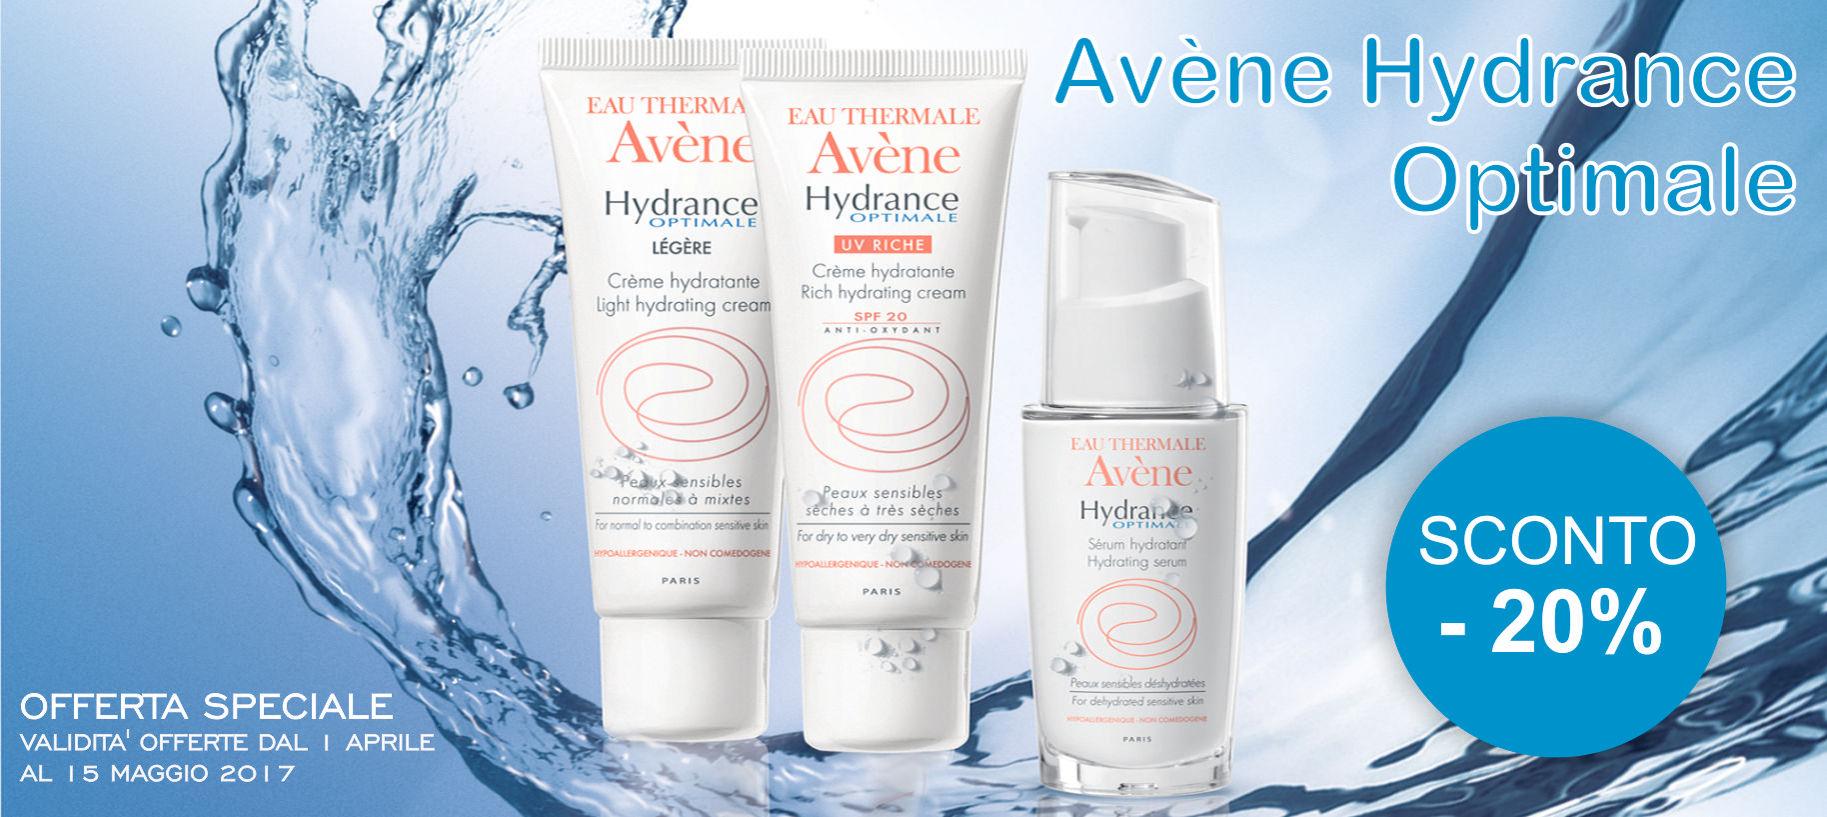 farmaciadelogu_avene_hydrance_optimale_promozione